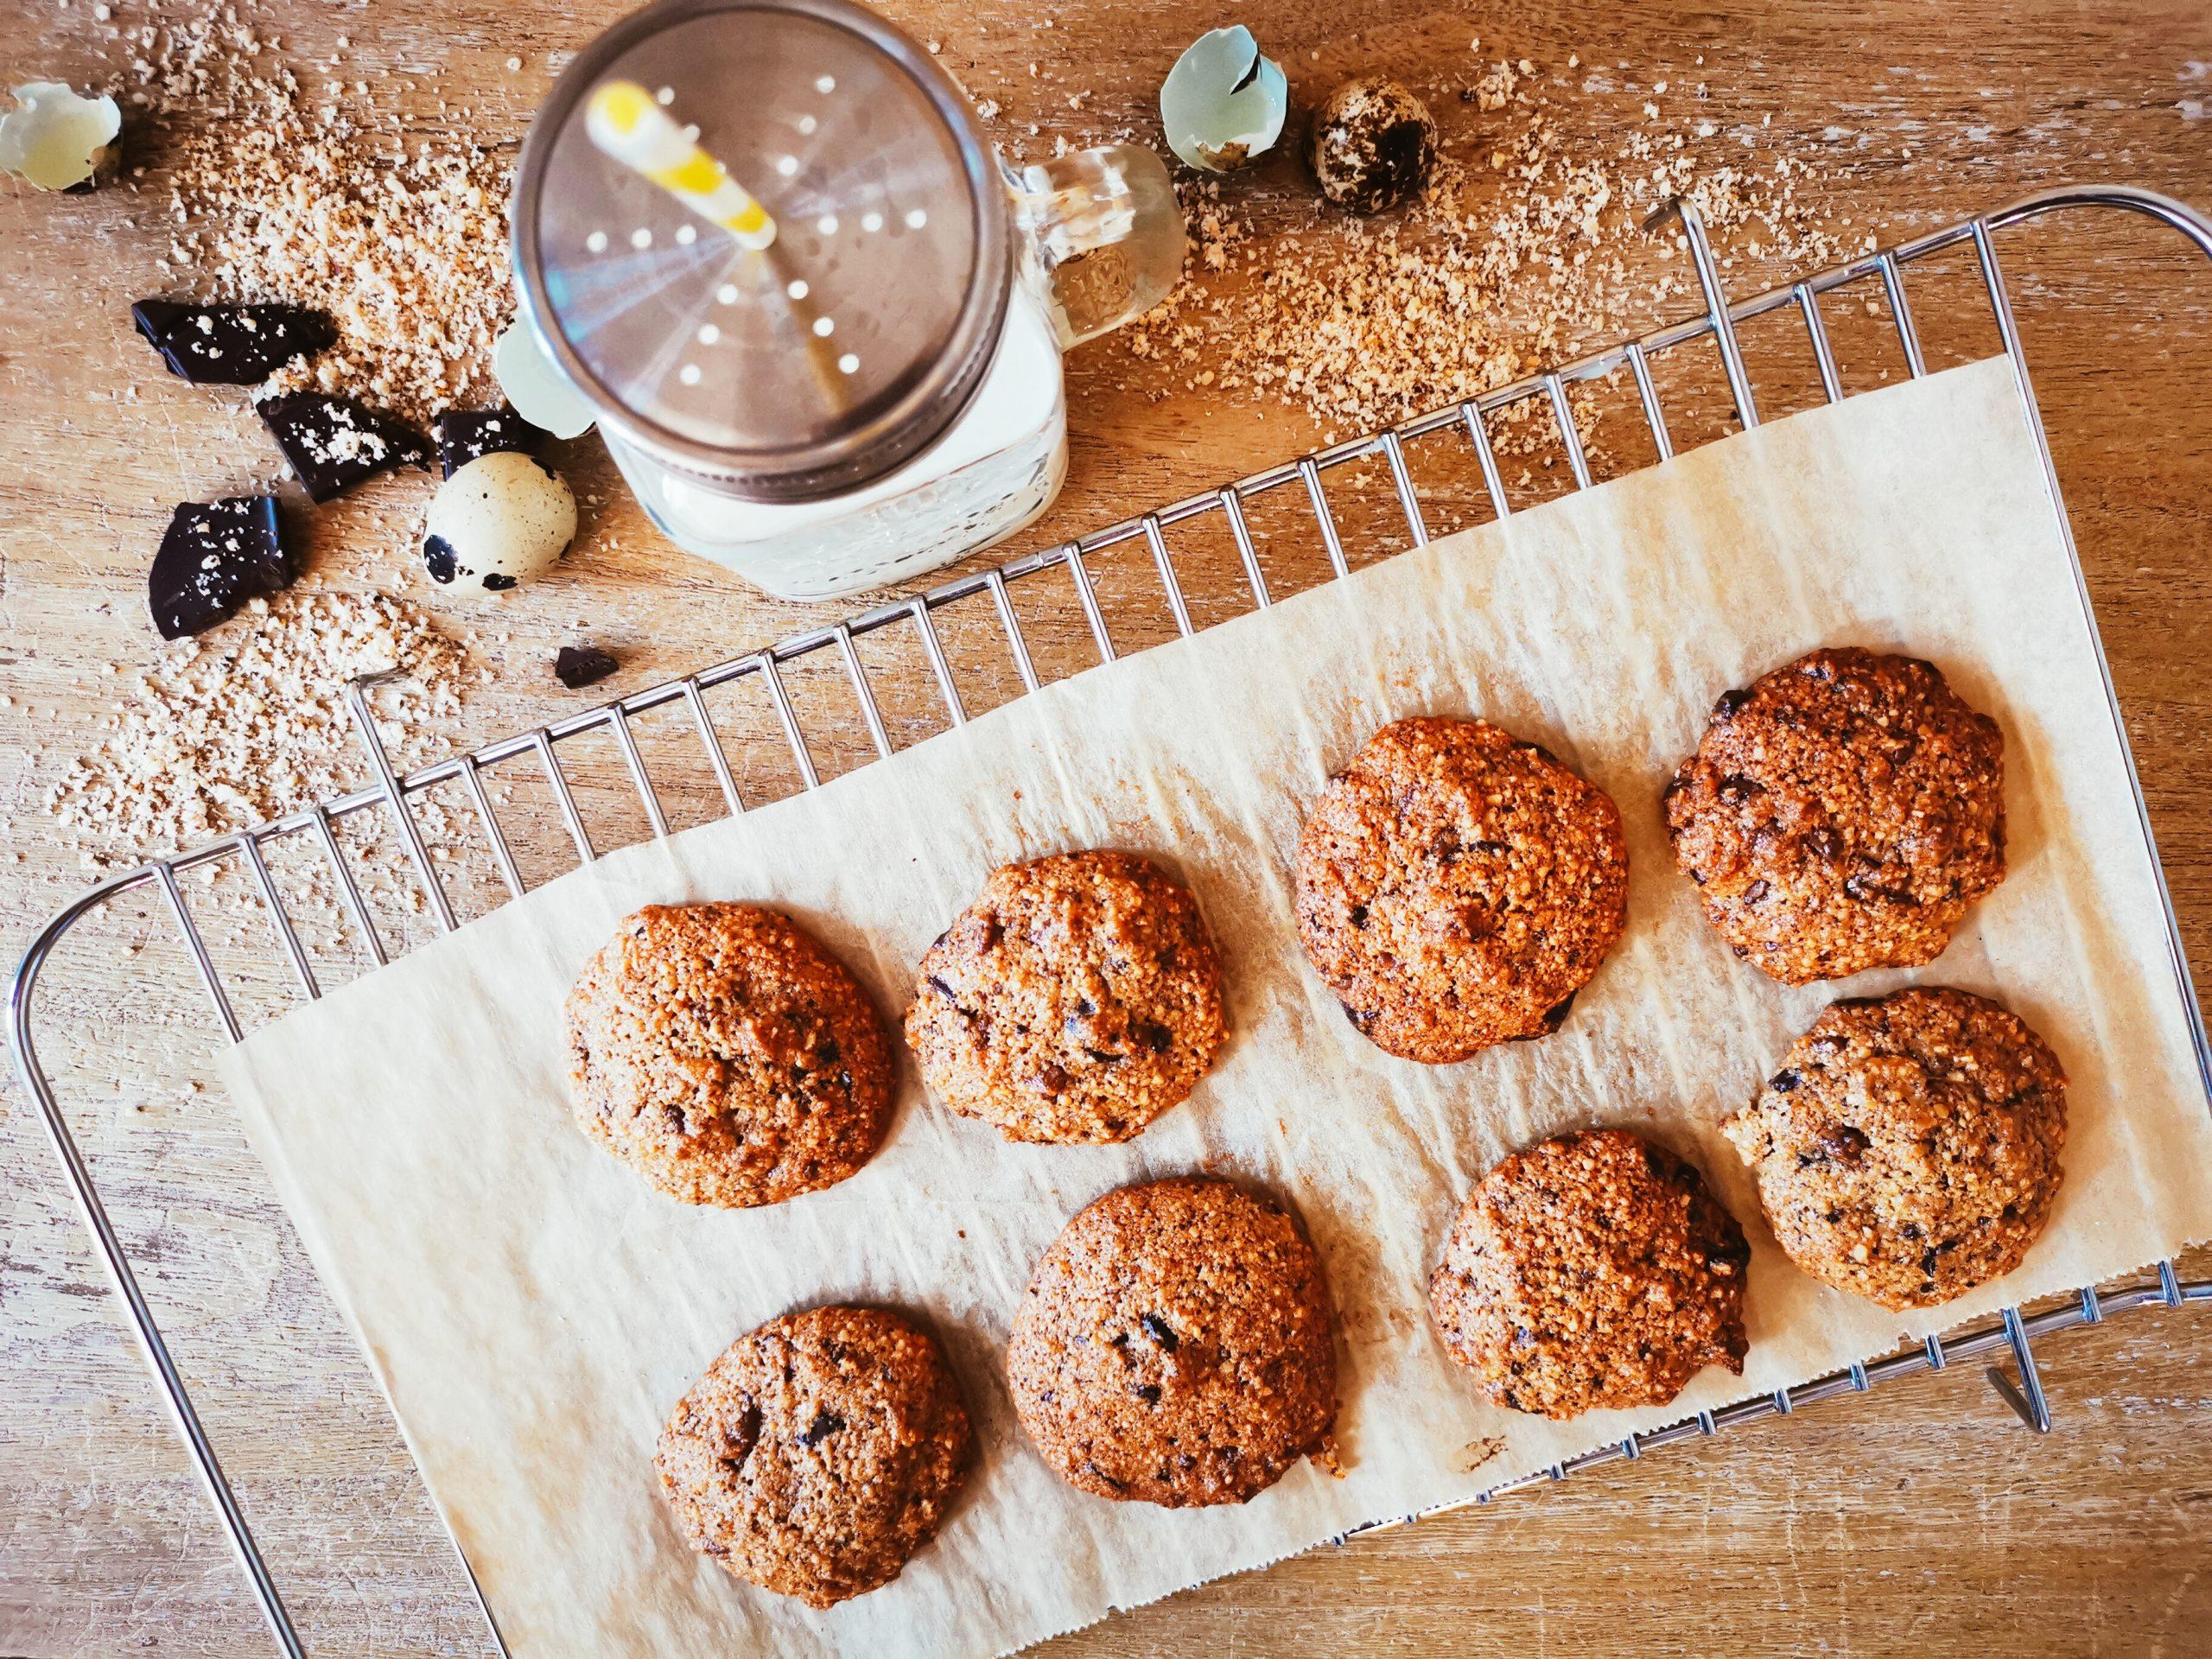 Ein Rost voll mit acht Cookies, im Hintergrund ein Milchbecher, Eierschalen und geriebene Haselnuss